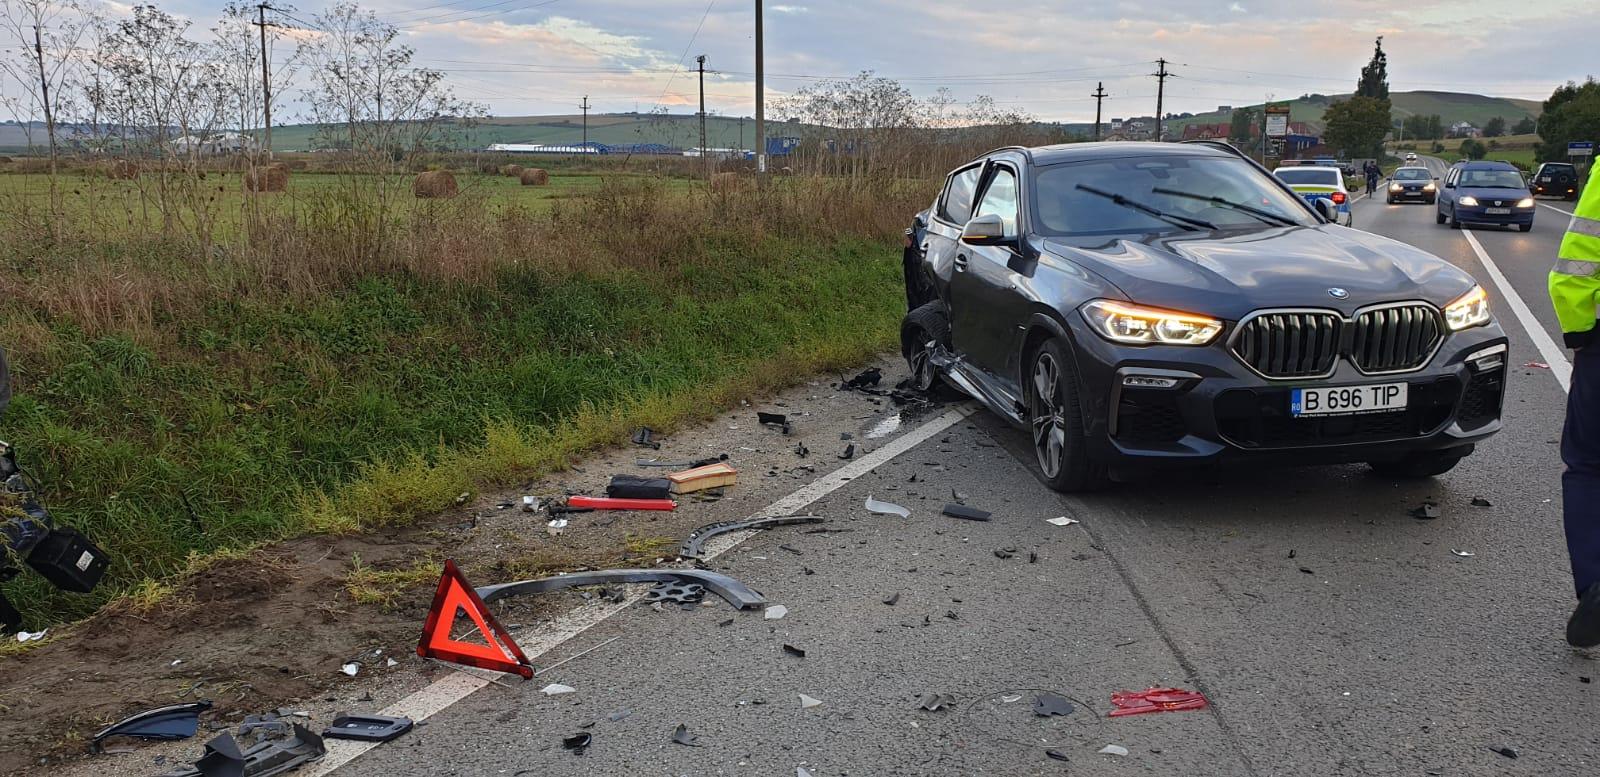 FOTO Accident în Șura Mare. Șoferul care a provocat tamponarea a fugit